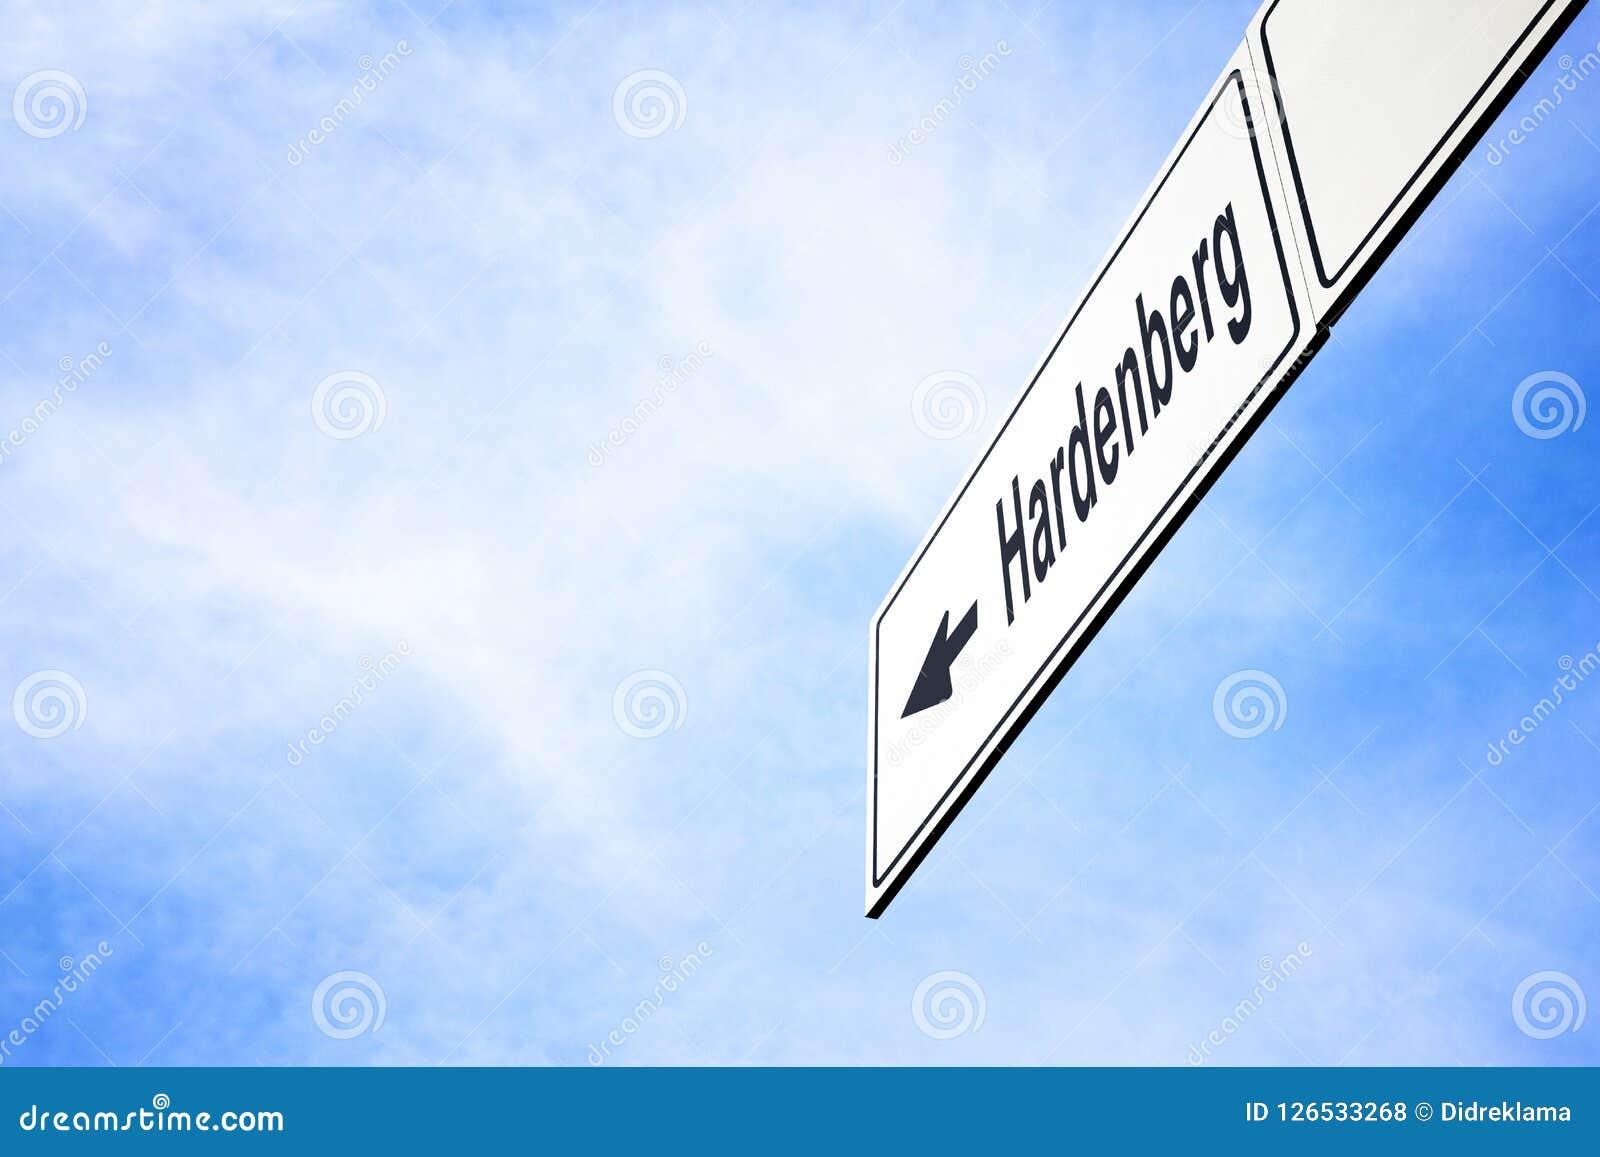 Signboard wskazuje w kierunku Hardenberg